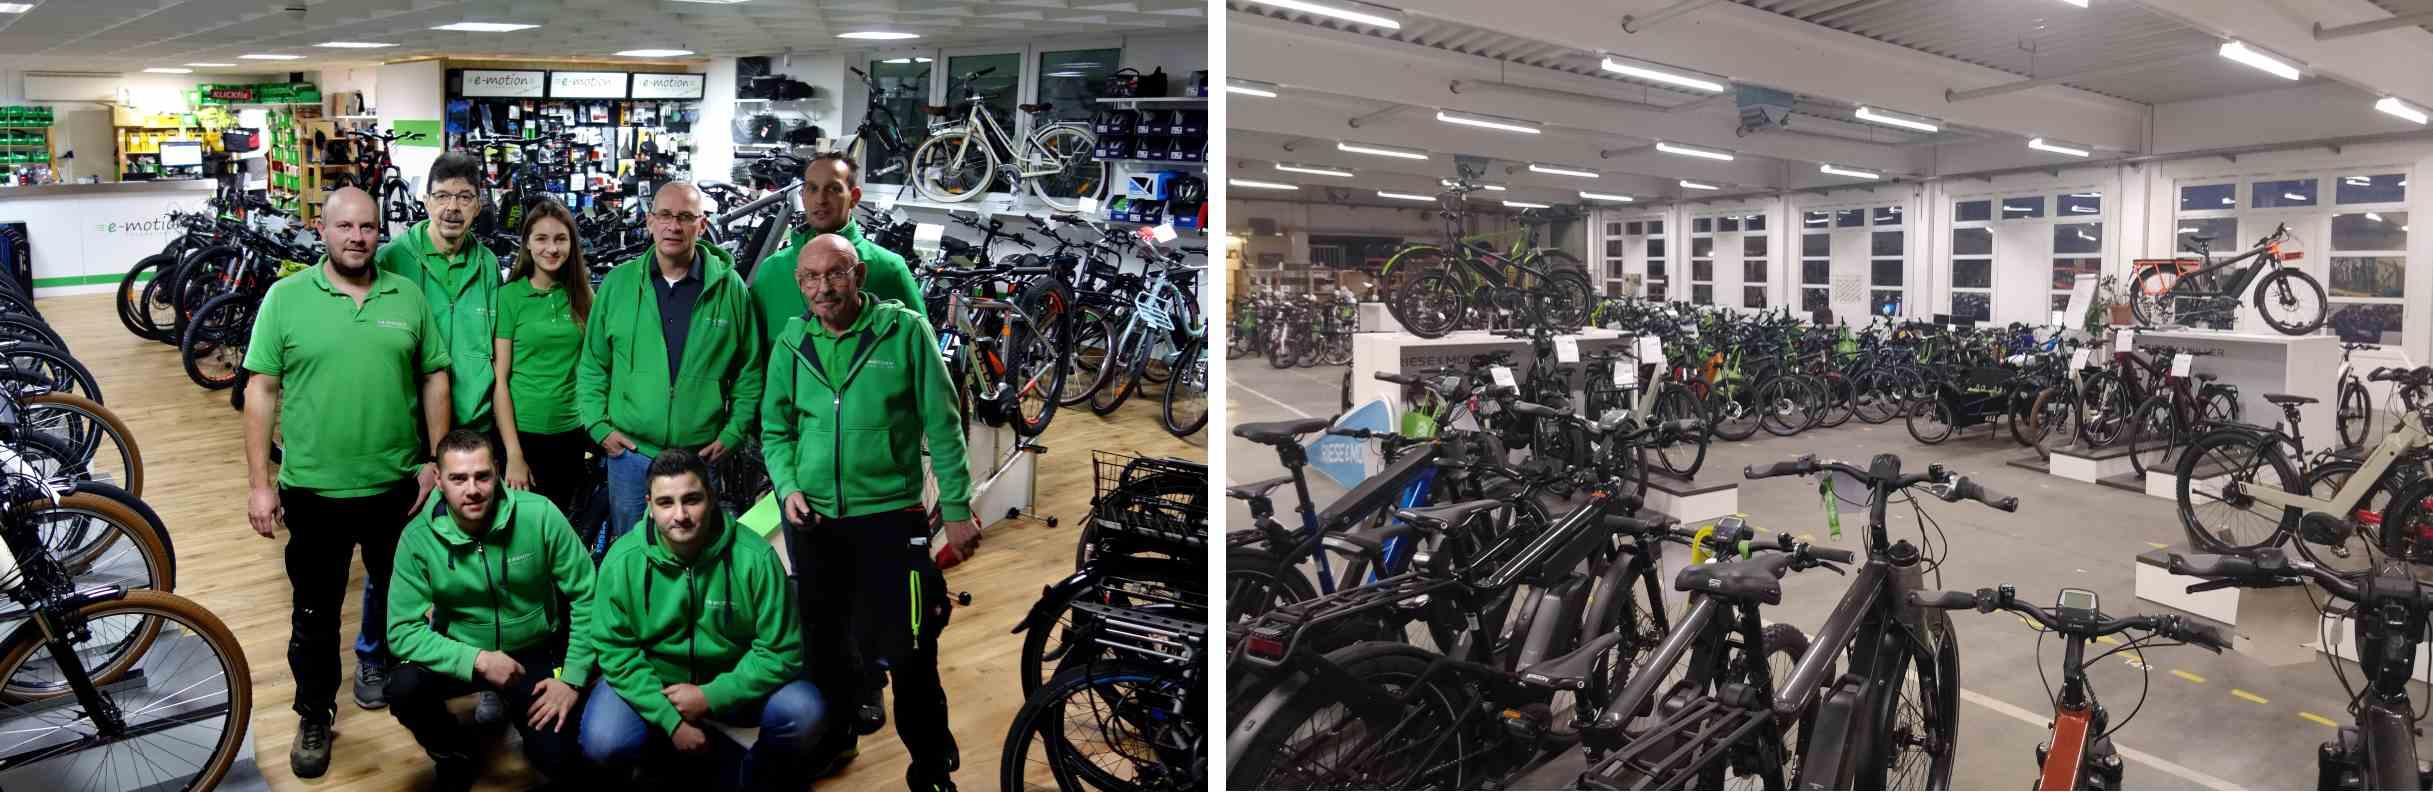 e-motion e-Bike Premium-Shop Velbert